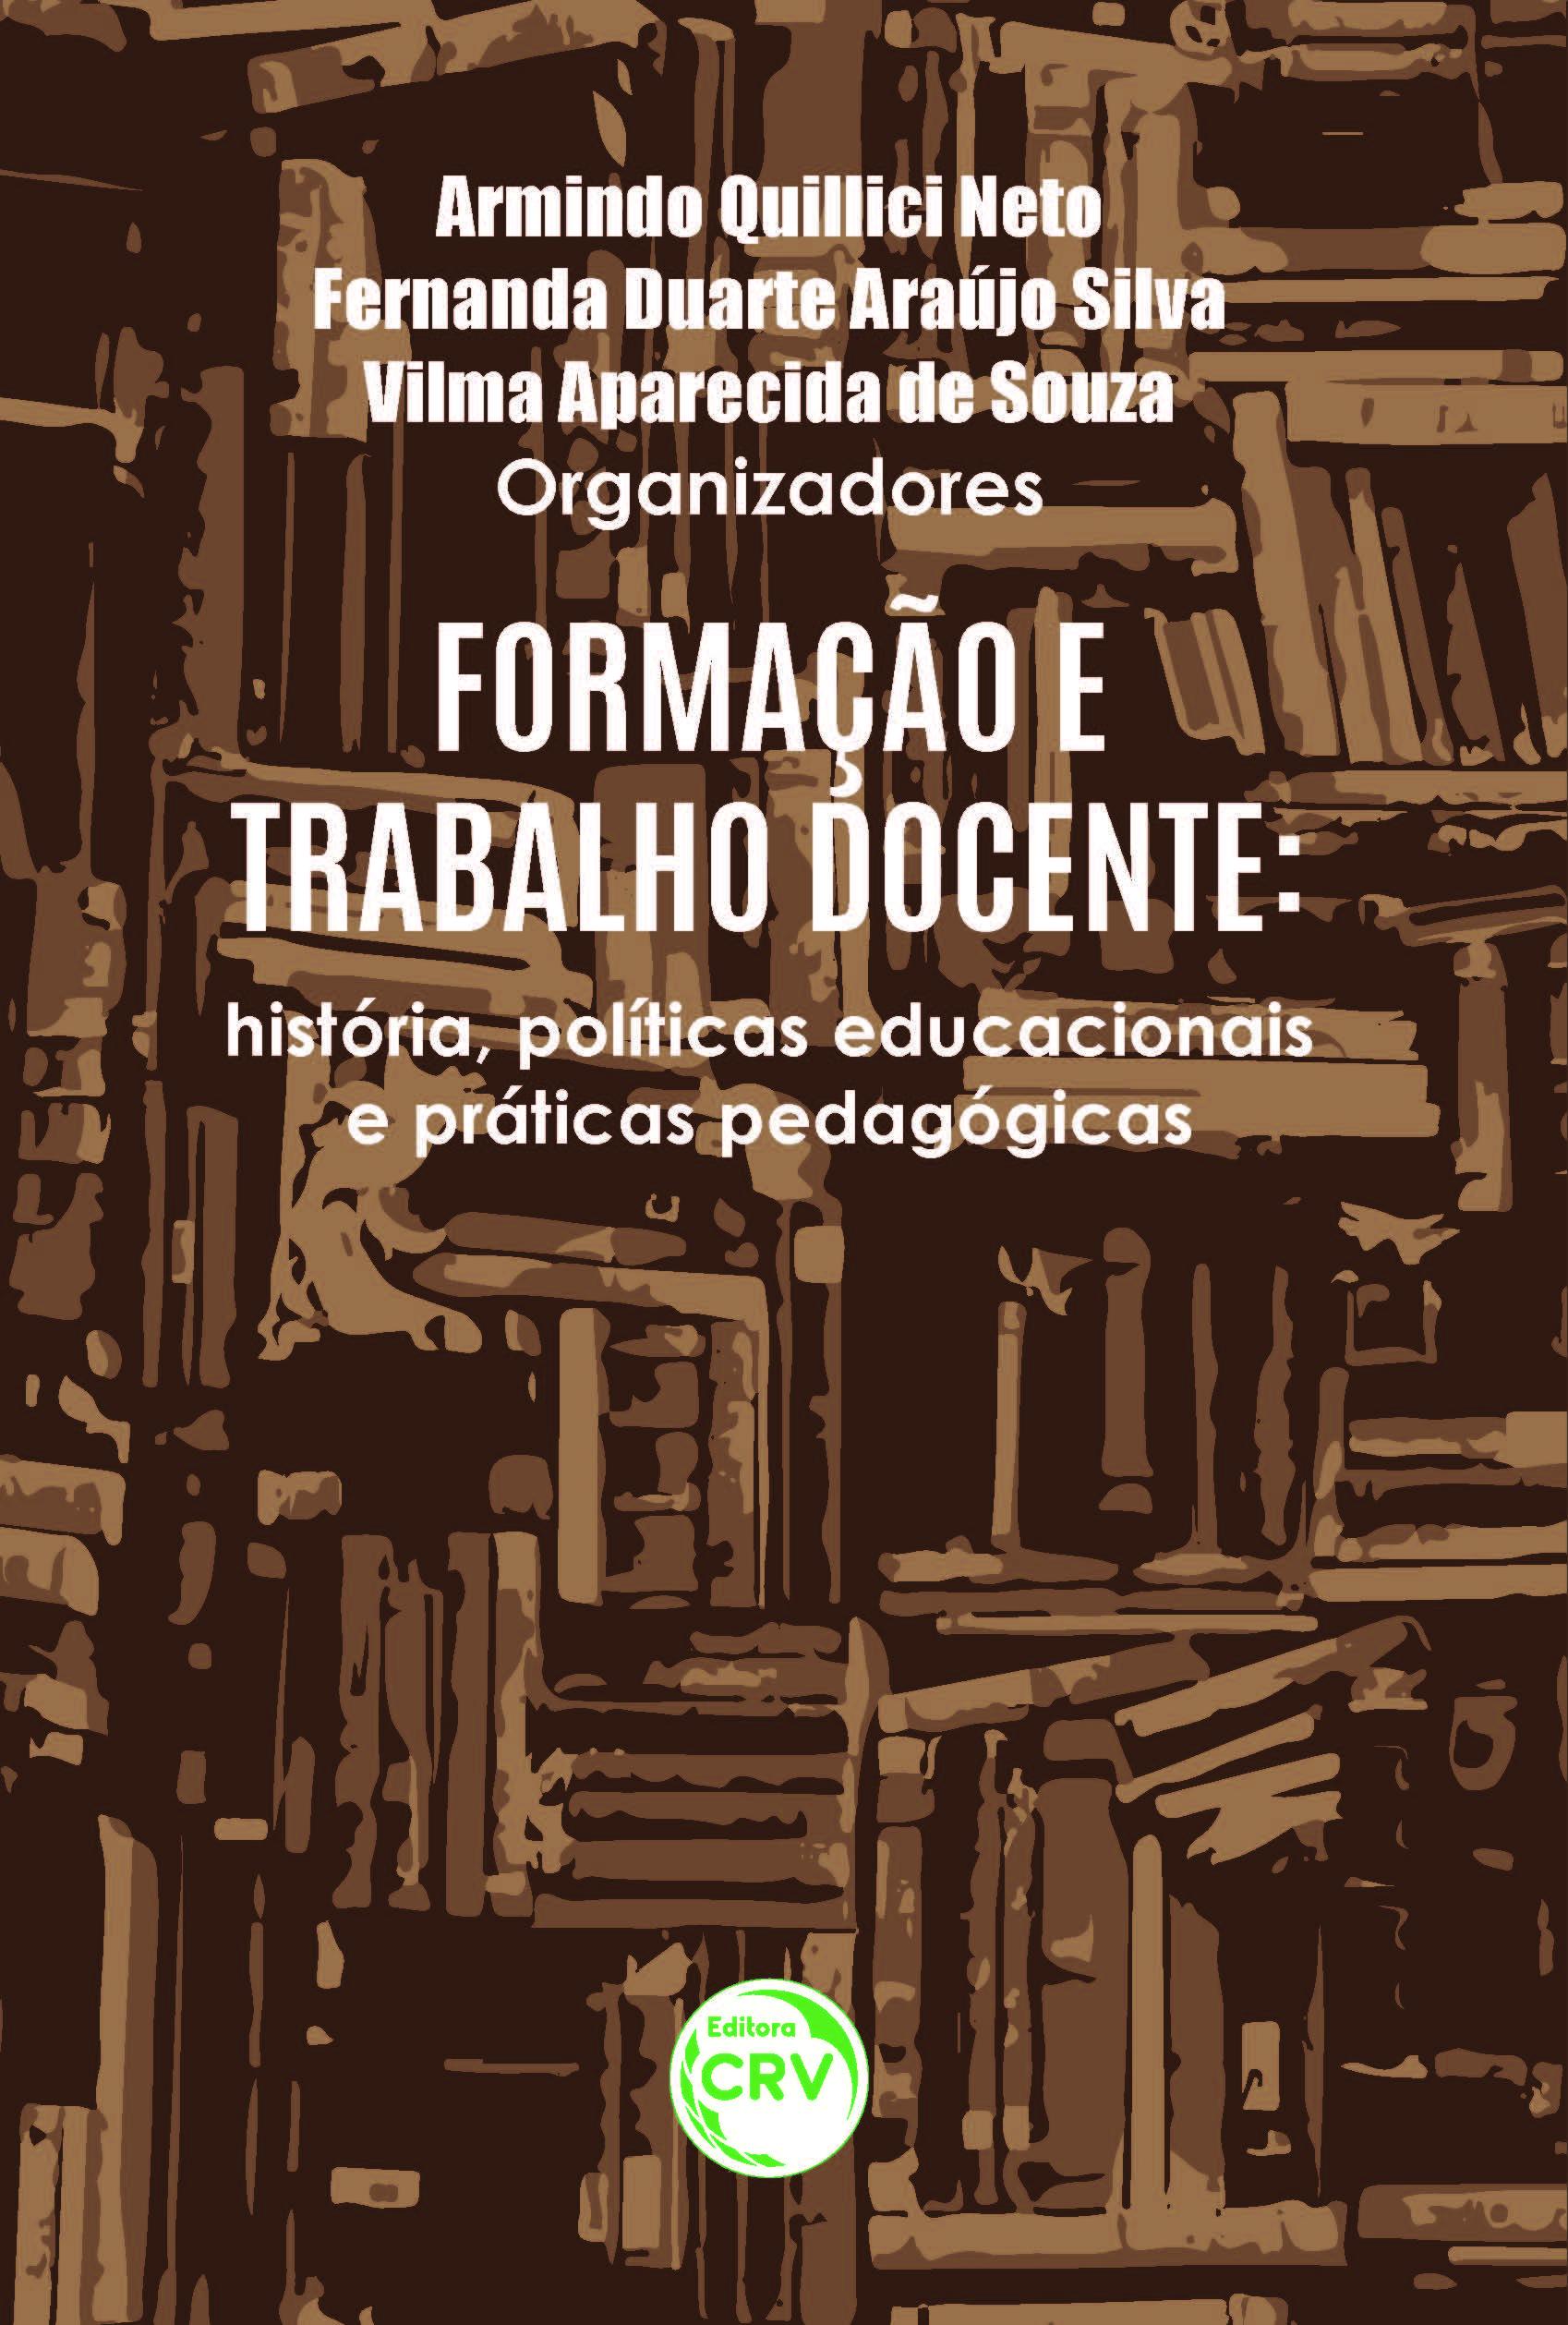 Capa do livro: FORMAÇÃO E TRABALHO DOCENTE:<br> história, políticas educacionais e práticas pedagógicas